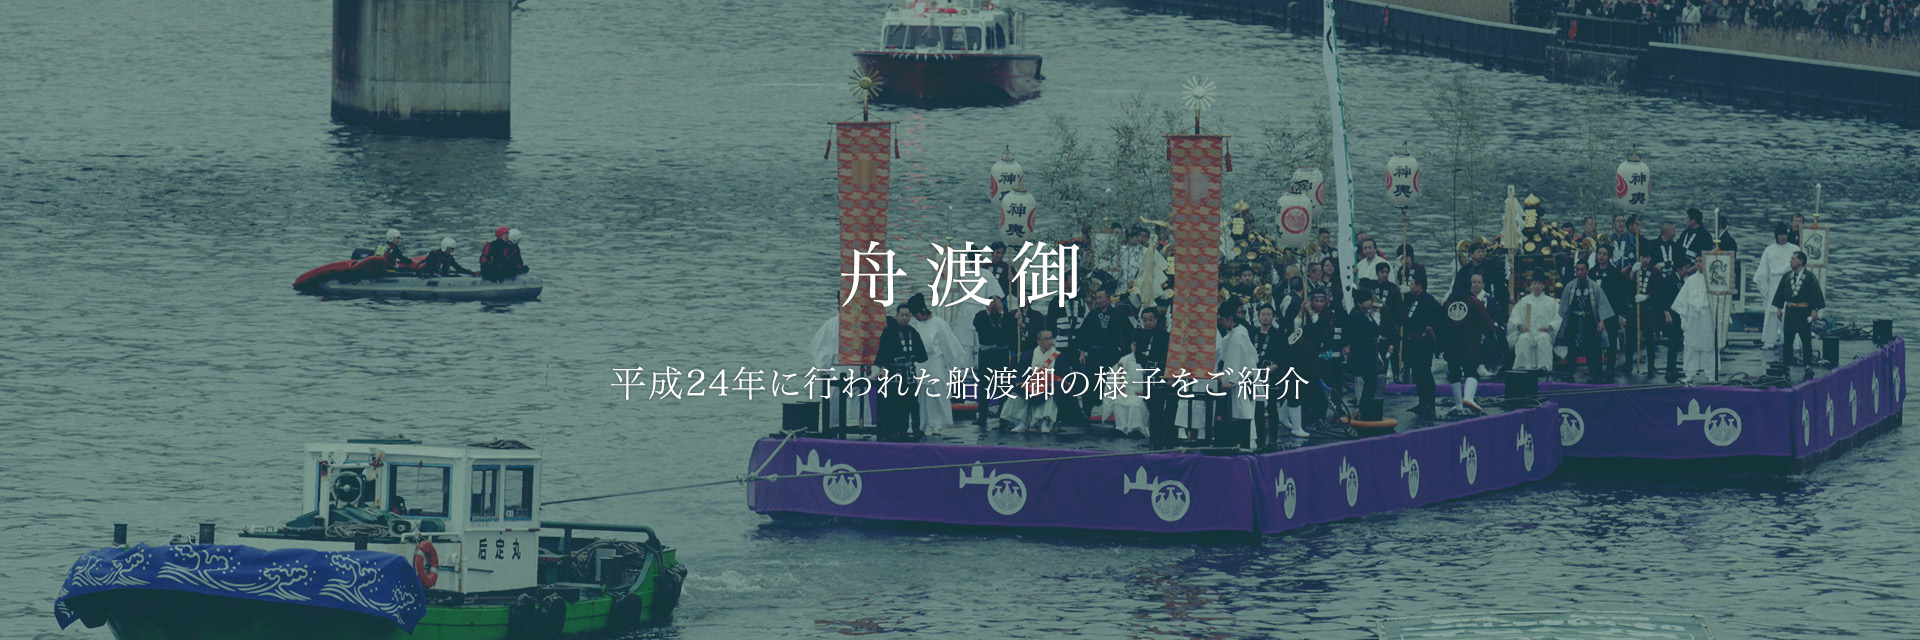 Ship transit